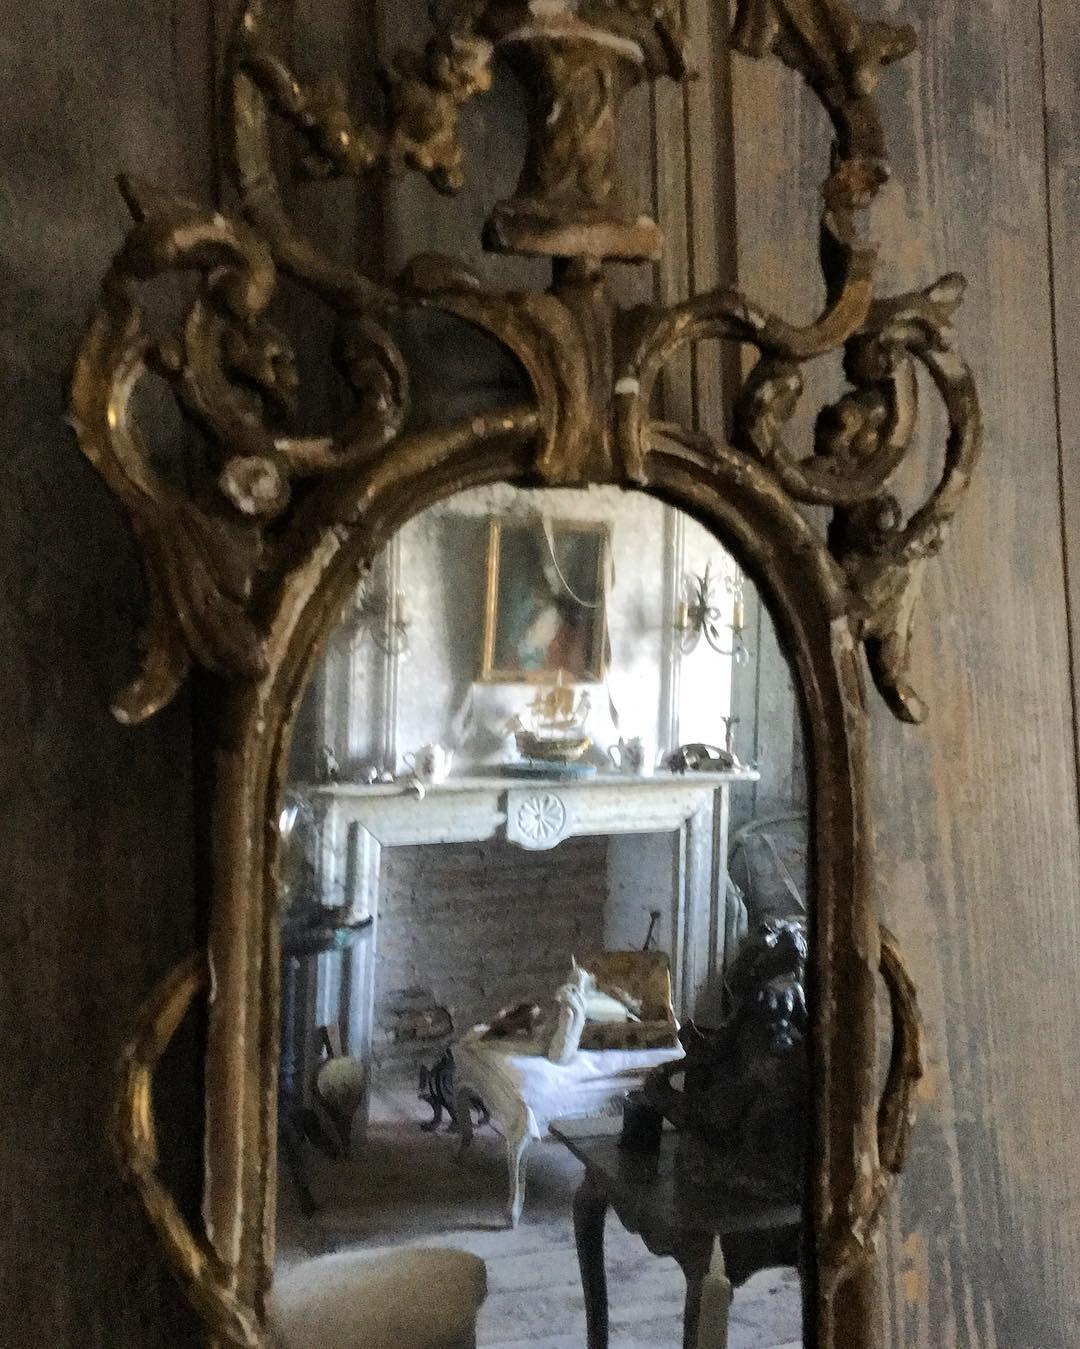 aureliendeleuze • Instagram photos and videos | Frames & mirrors ...